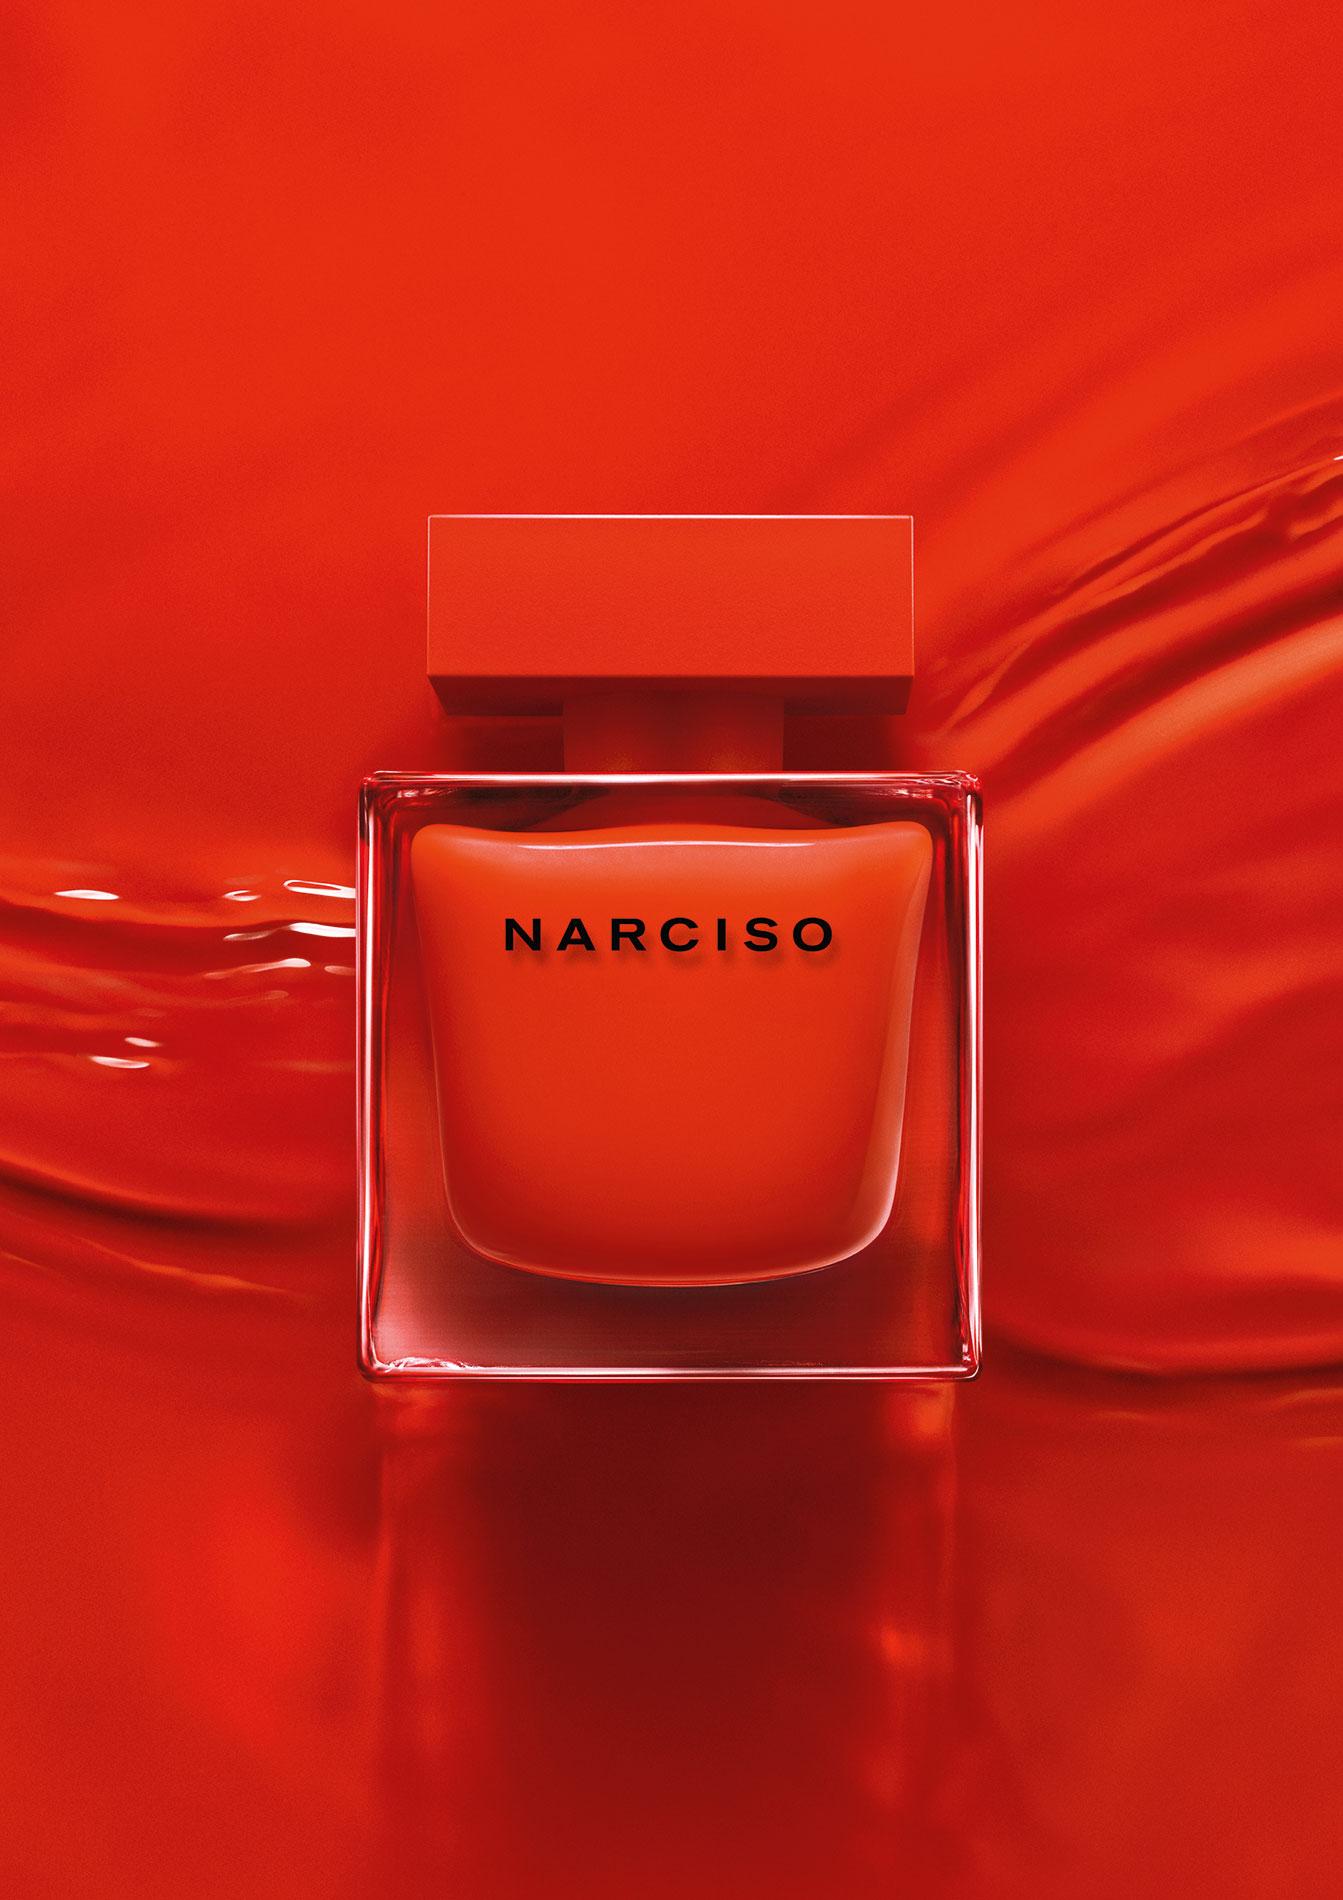 4e18beb51 Narciso Rodriguez: Narciso Rouge العطر الجديد للنساء من نارسيسو رودريغز  إصدار جديد. بقلم Sanja Pekić · Nirciso Rouge